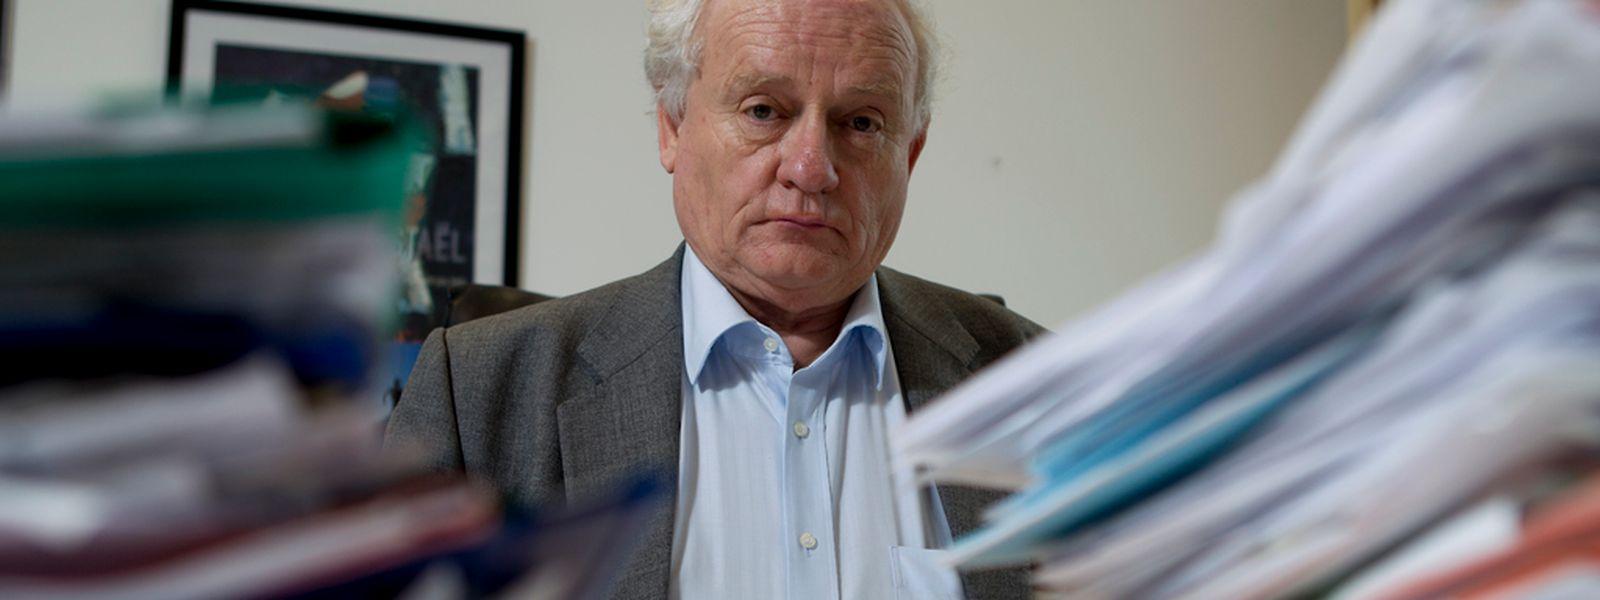 Robert Biever tritt im Juli in den Ruhestand. Er war 2010 vom Posten des Luxemburger Bezirksstaatsanwalts an die Spitze der Generalstaatsanwaltschaft gewechselt, als Jean-Pierre Klopp in Rente ging.